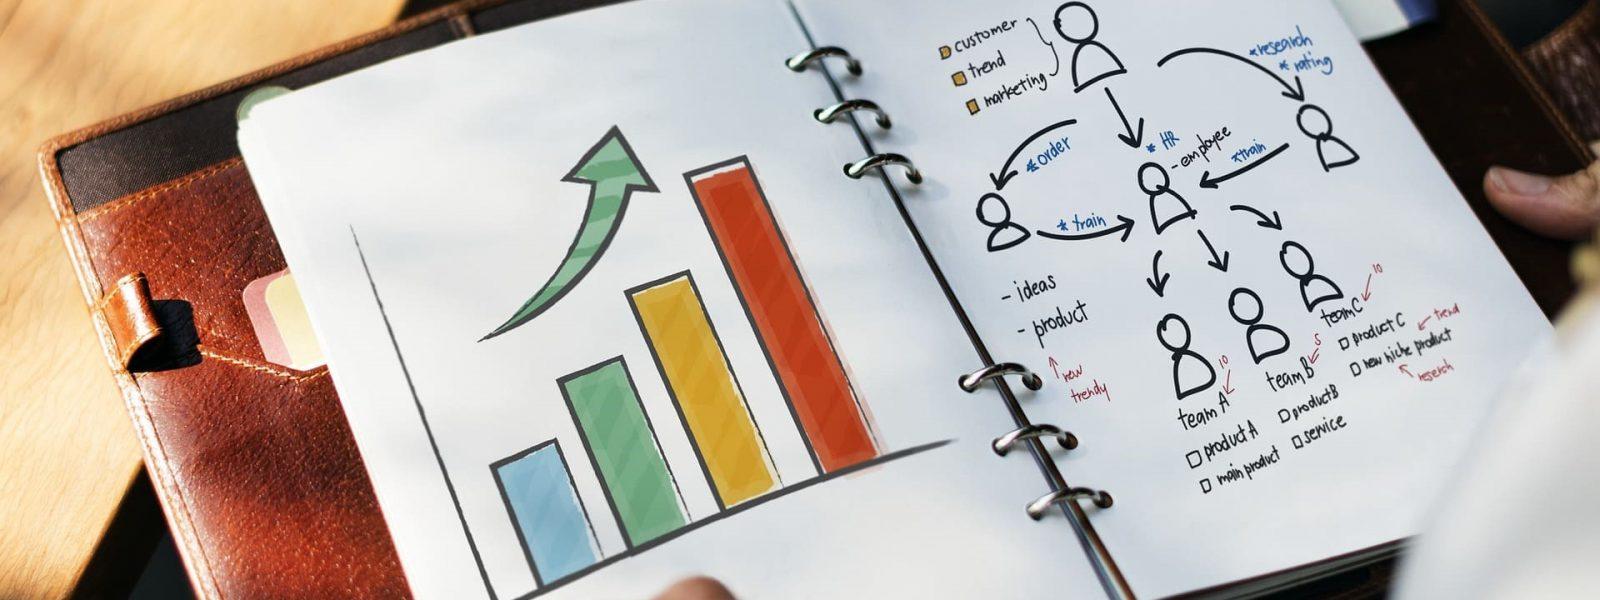 Melhores Sistemas e Software de CRM para pequenas empresas